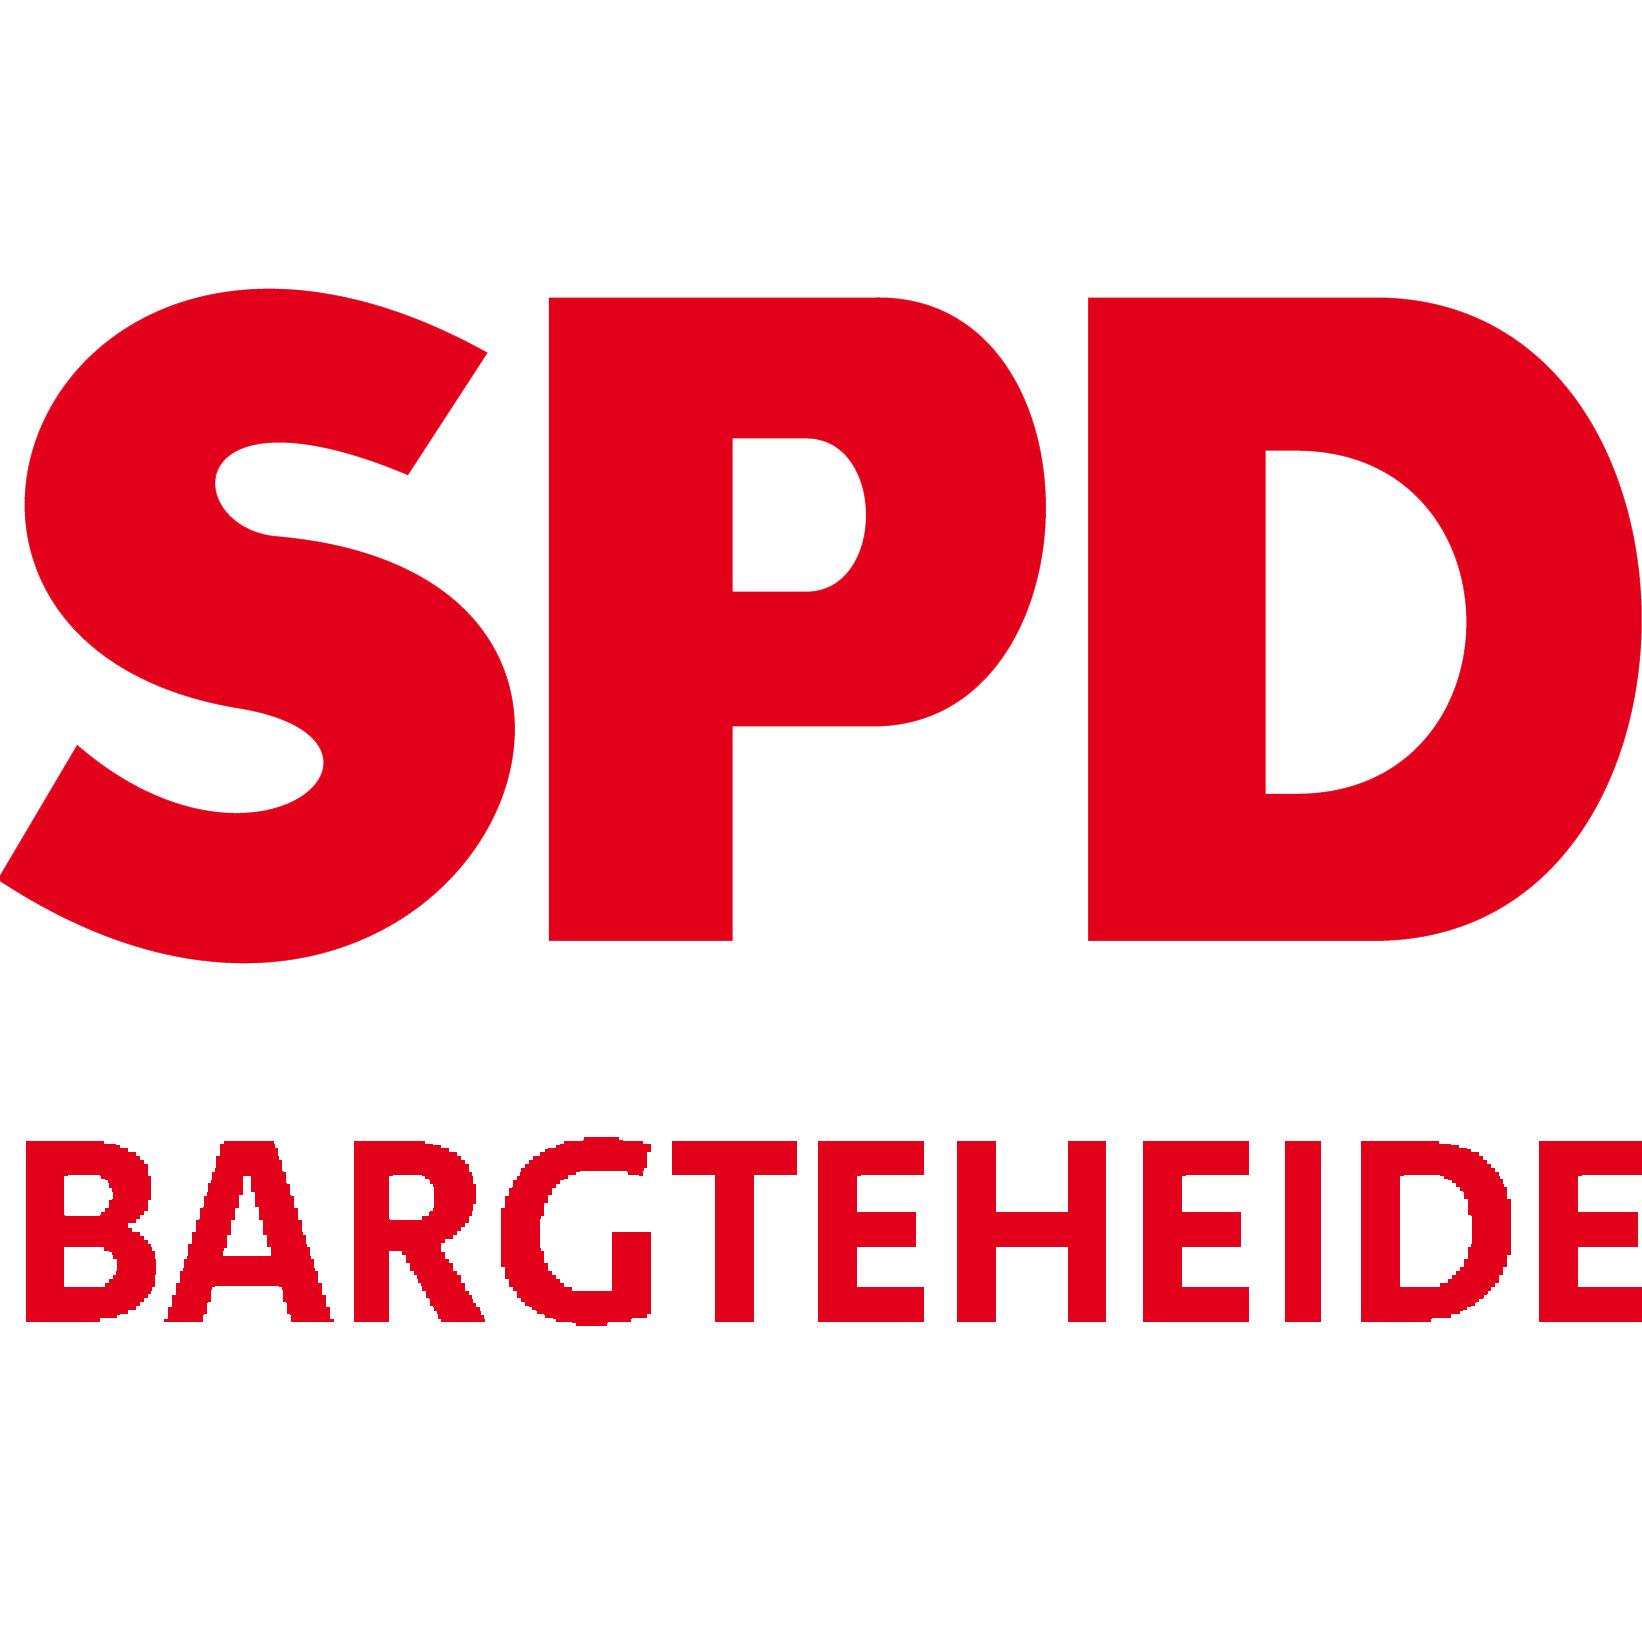 SPD Bargteheide - Kinderschutzbund-Aktion gegen Kinderarmut – unterstützt von der SPD.